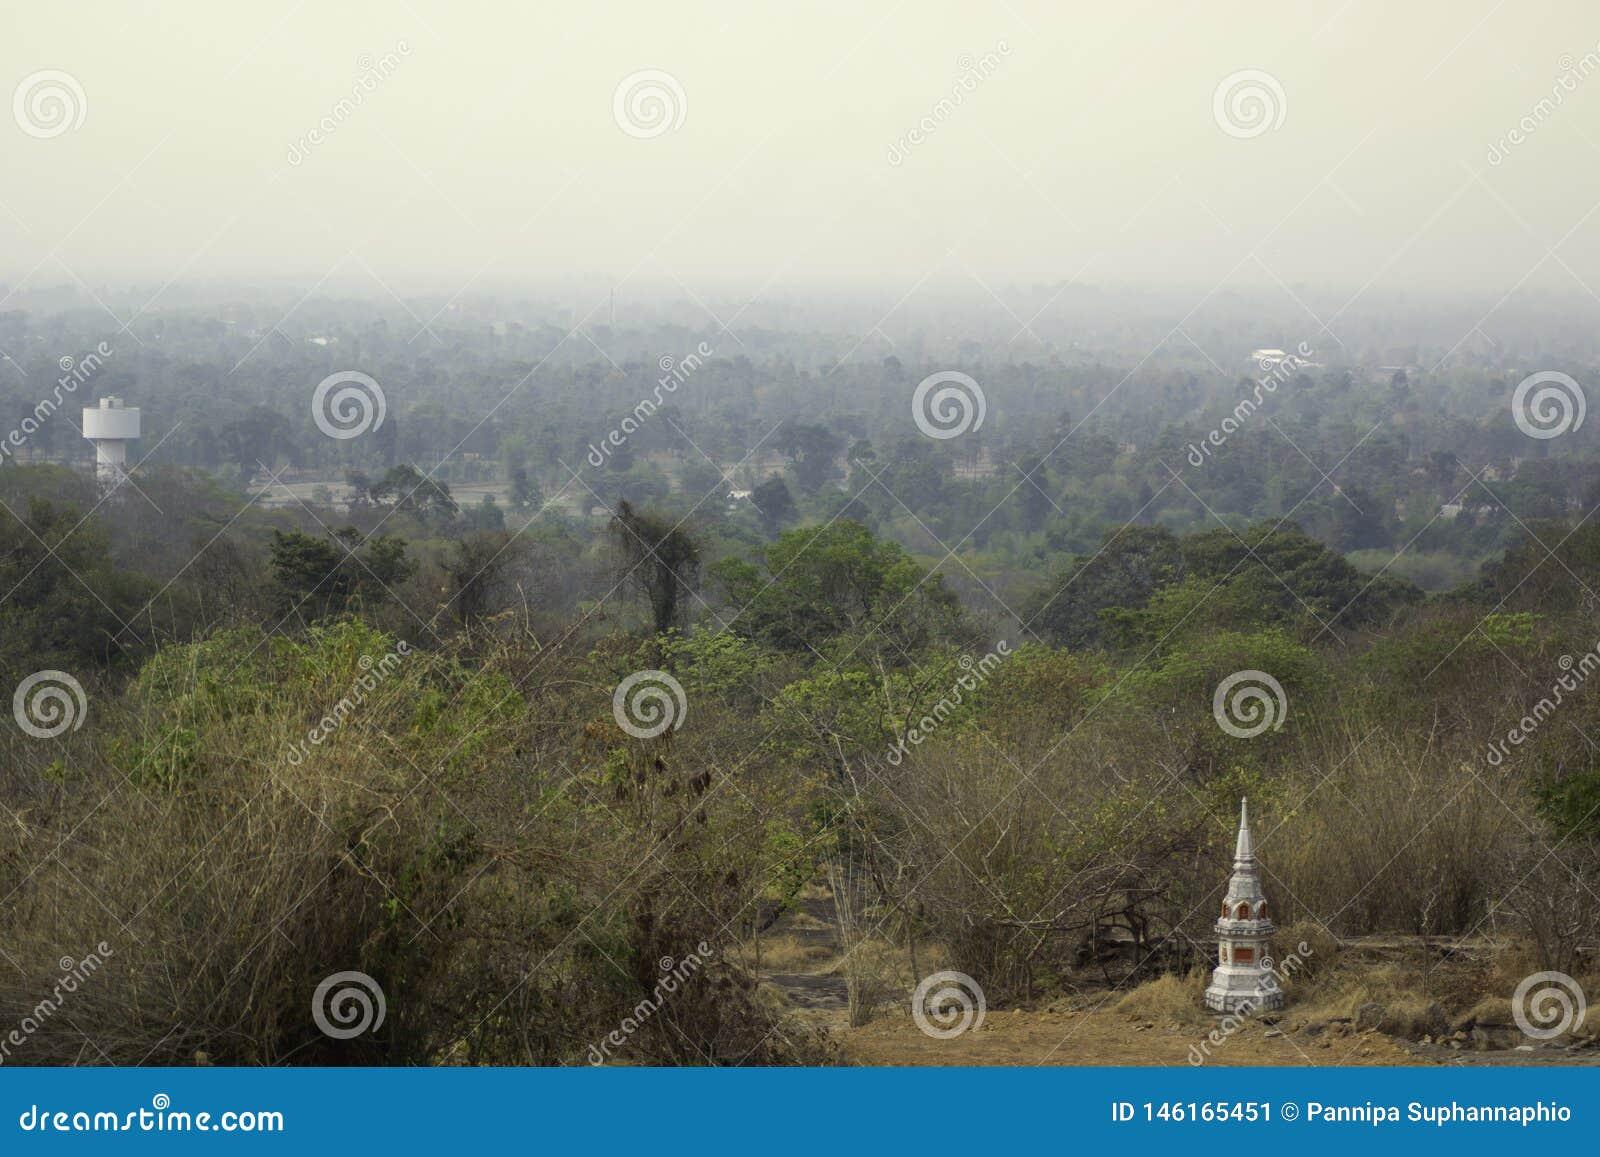 O natural que est? sendo coberto com a polui??o atmosf?rica